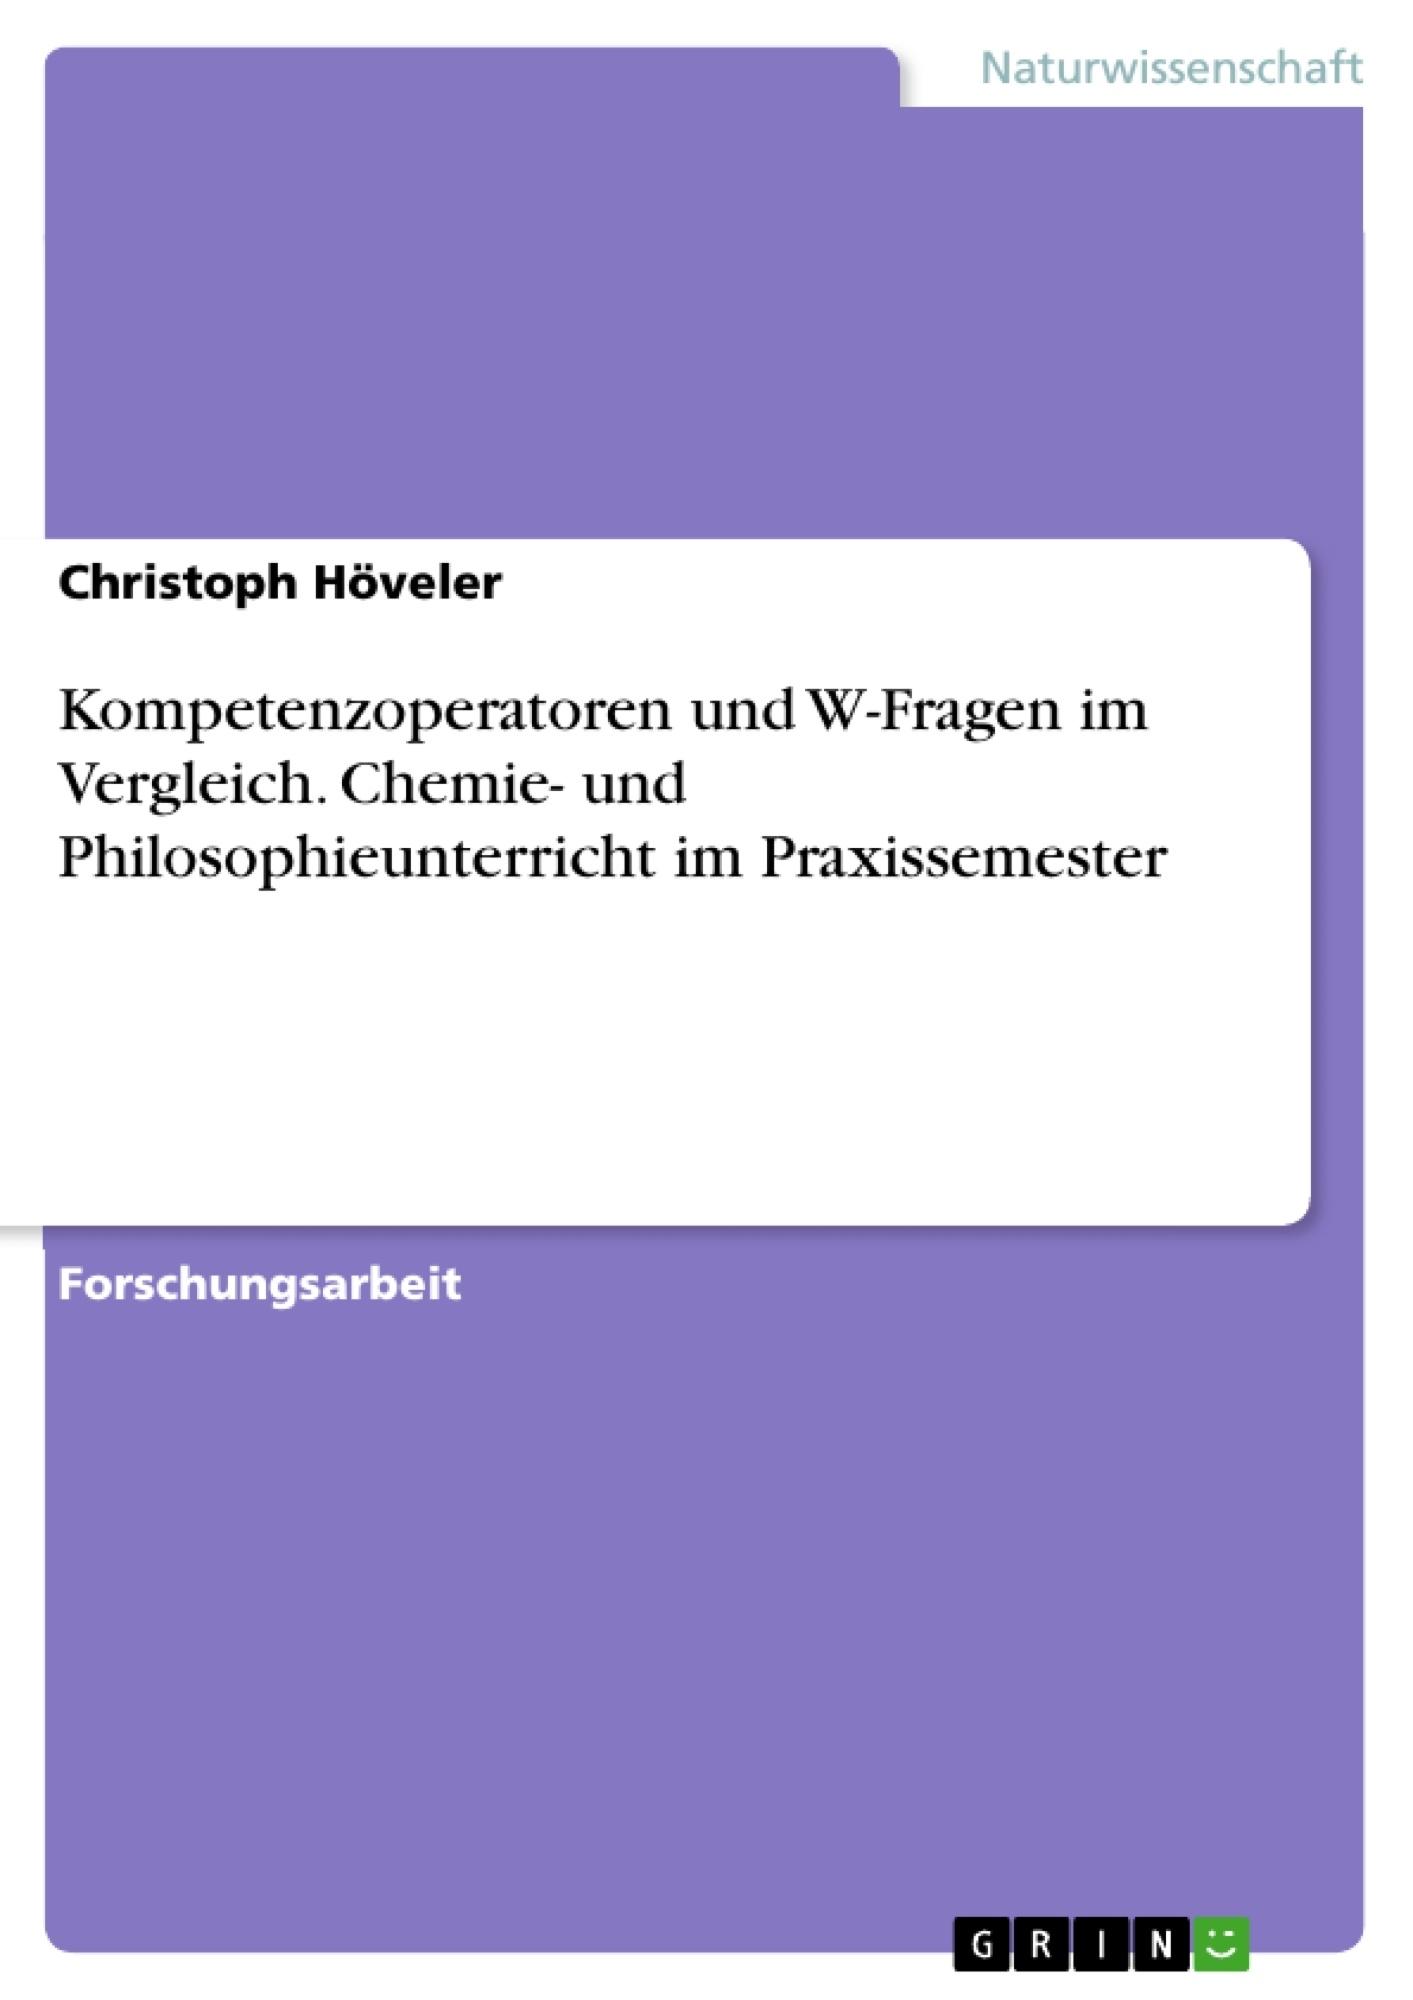 Titel: Kompetenzoperatoren und W-Fragen im Vergleich. Chemie- und Philosophieunterricht im Praxissemester